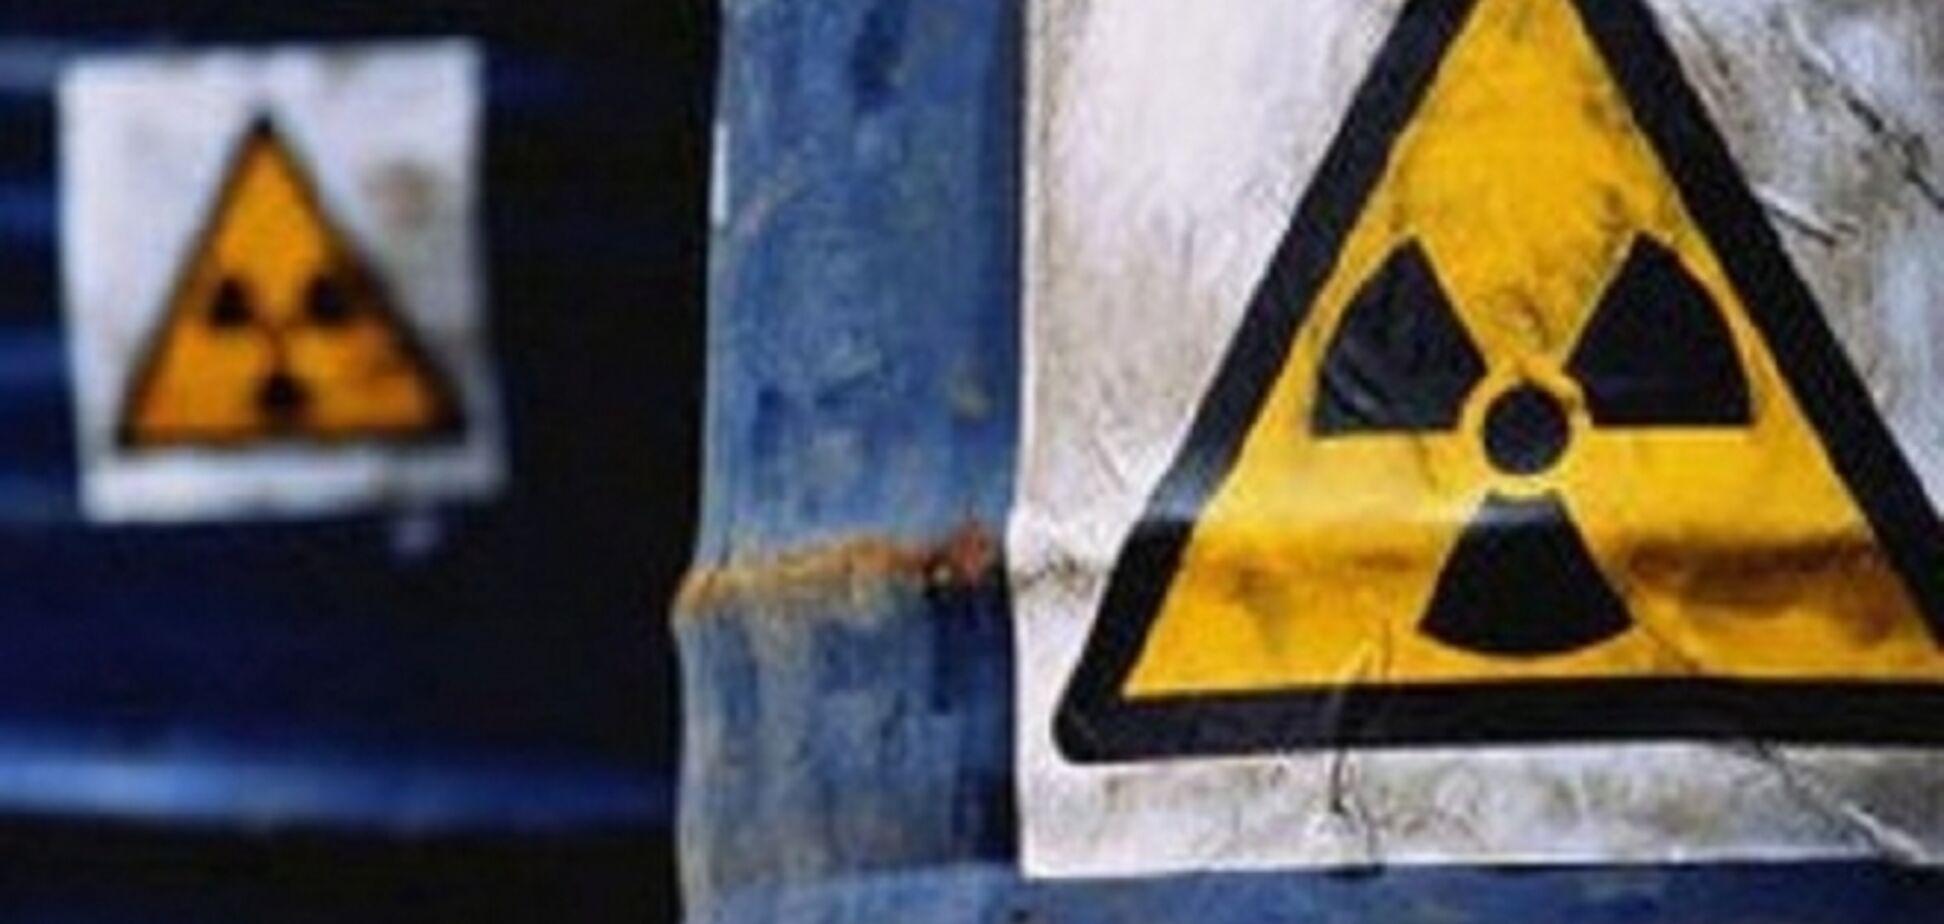 Придністров'я заперечує ввезення з її території в Україну компонента 'брудної' бомби